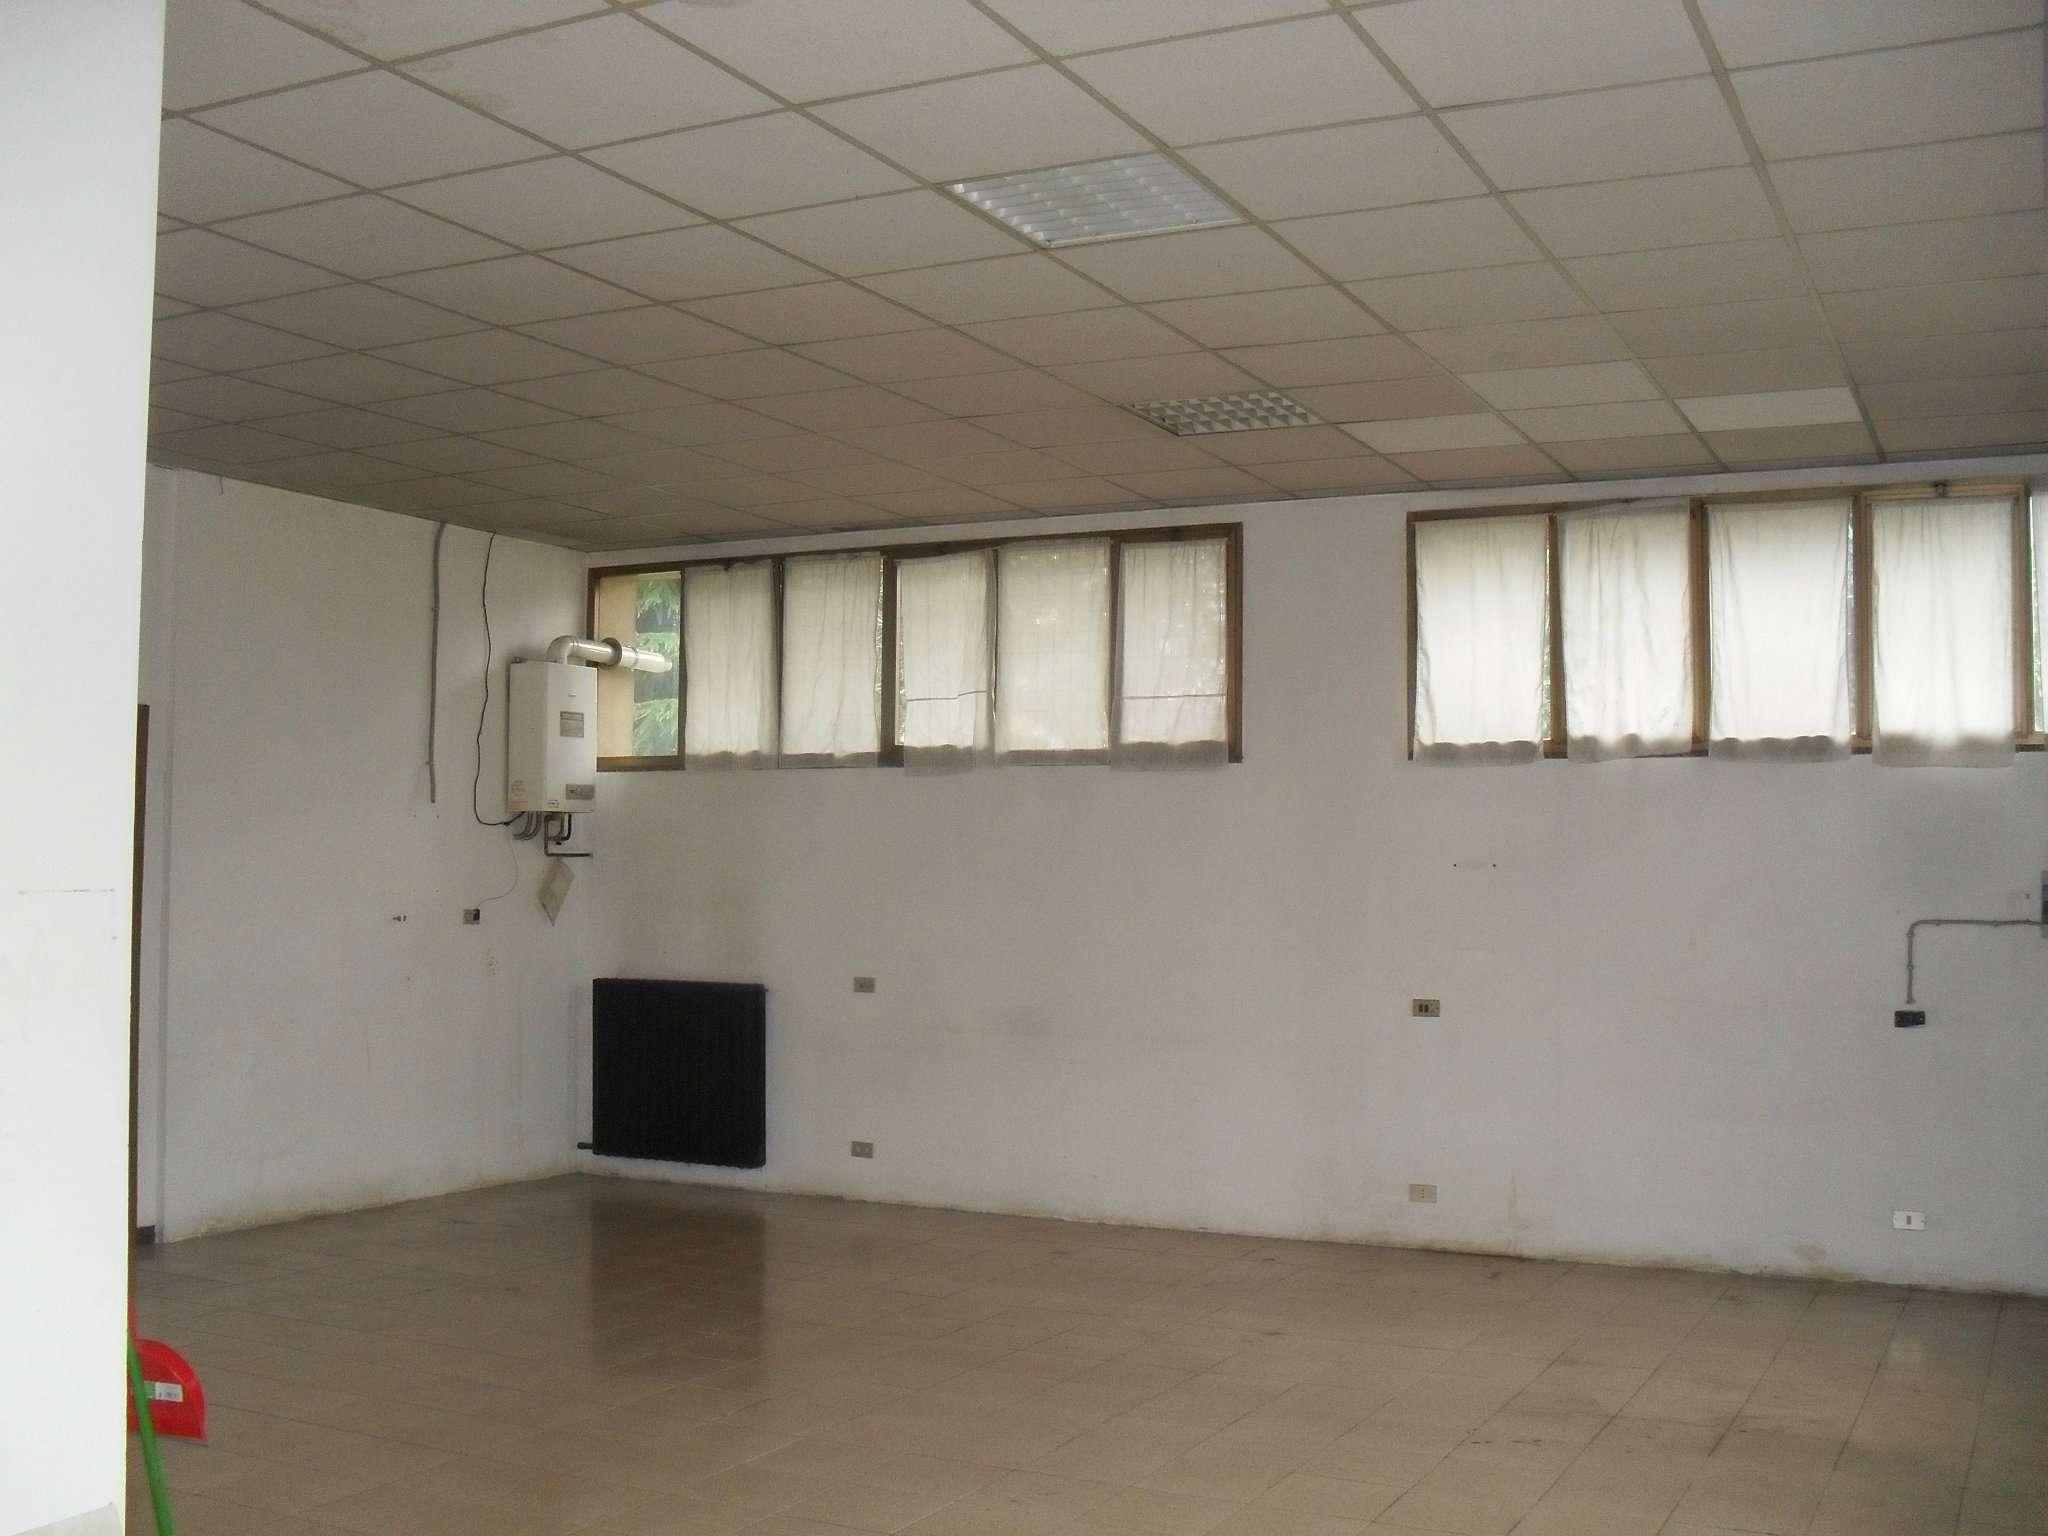 Laboratorio in affitto a Lissone, 2 locali, prezzo € 580 | Cambio Casa.it